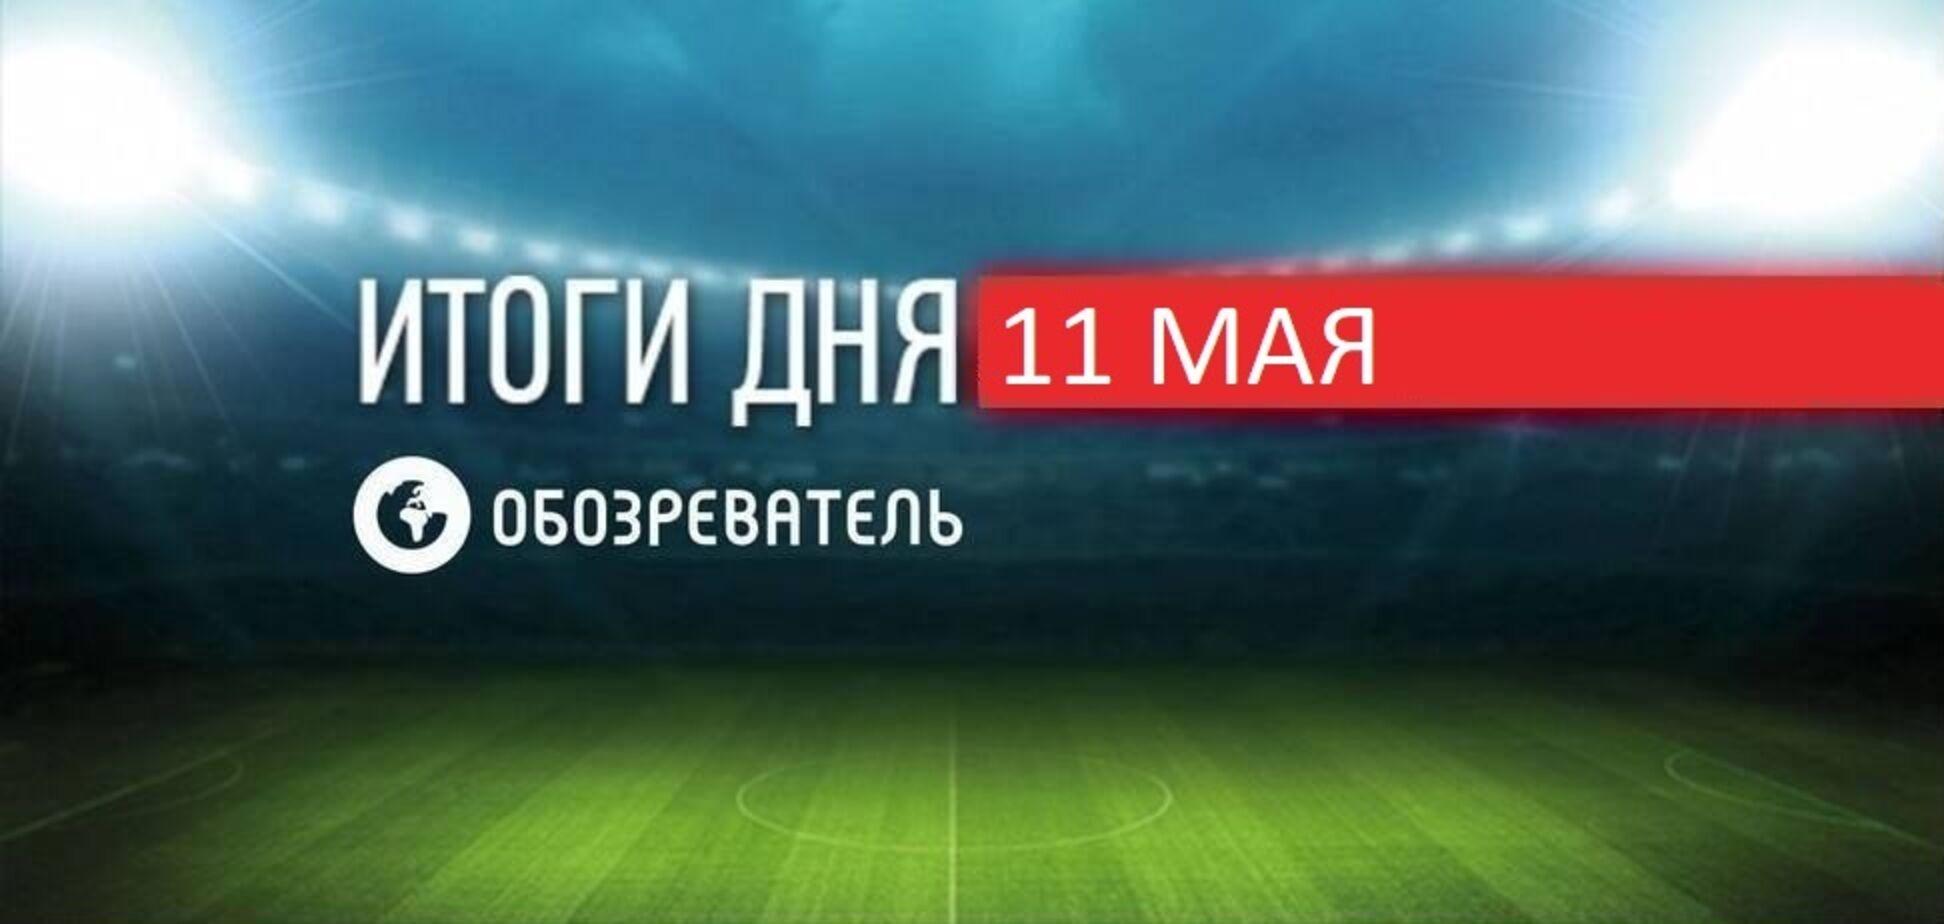 Новости спорта 11 мая: Джойс сделал заявление из-за Усика, Зинченко выиграл АПЛ